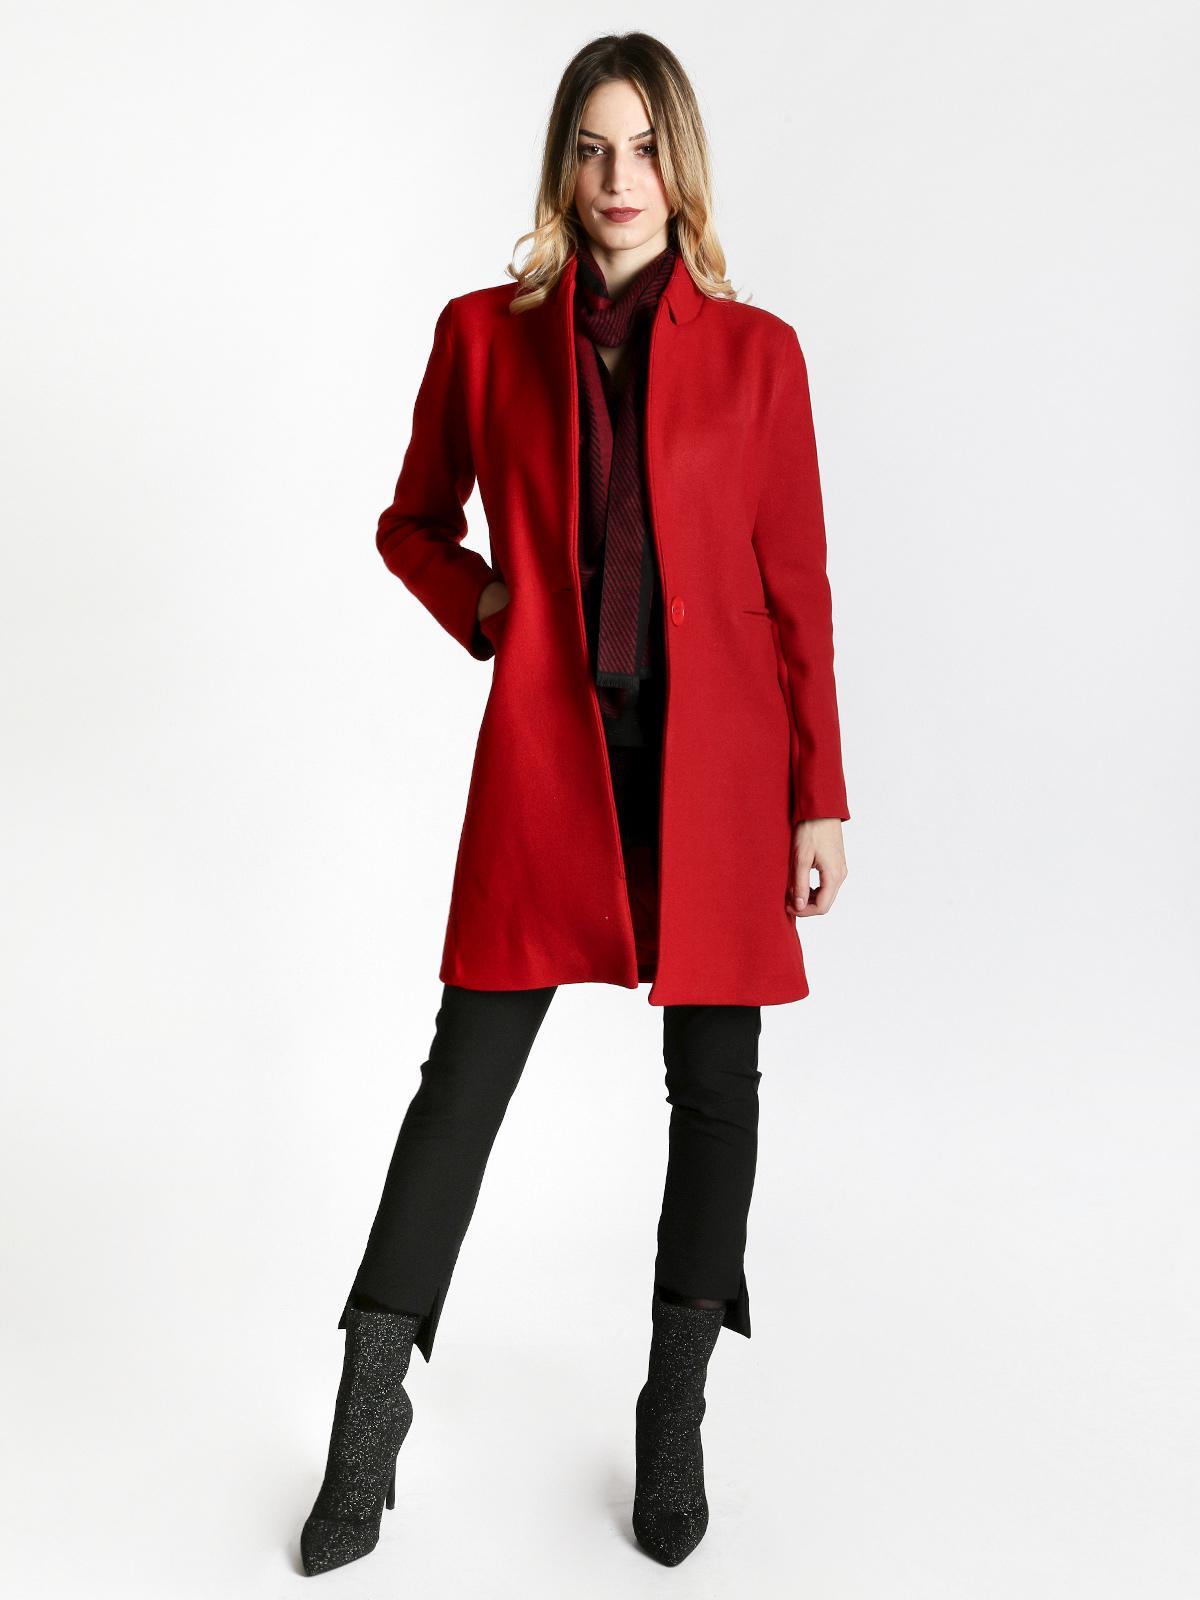 Cappotto rosso donna lumina | MecShopping